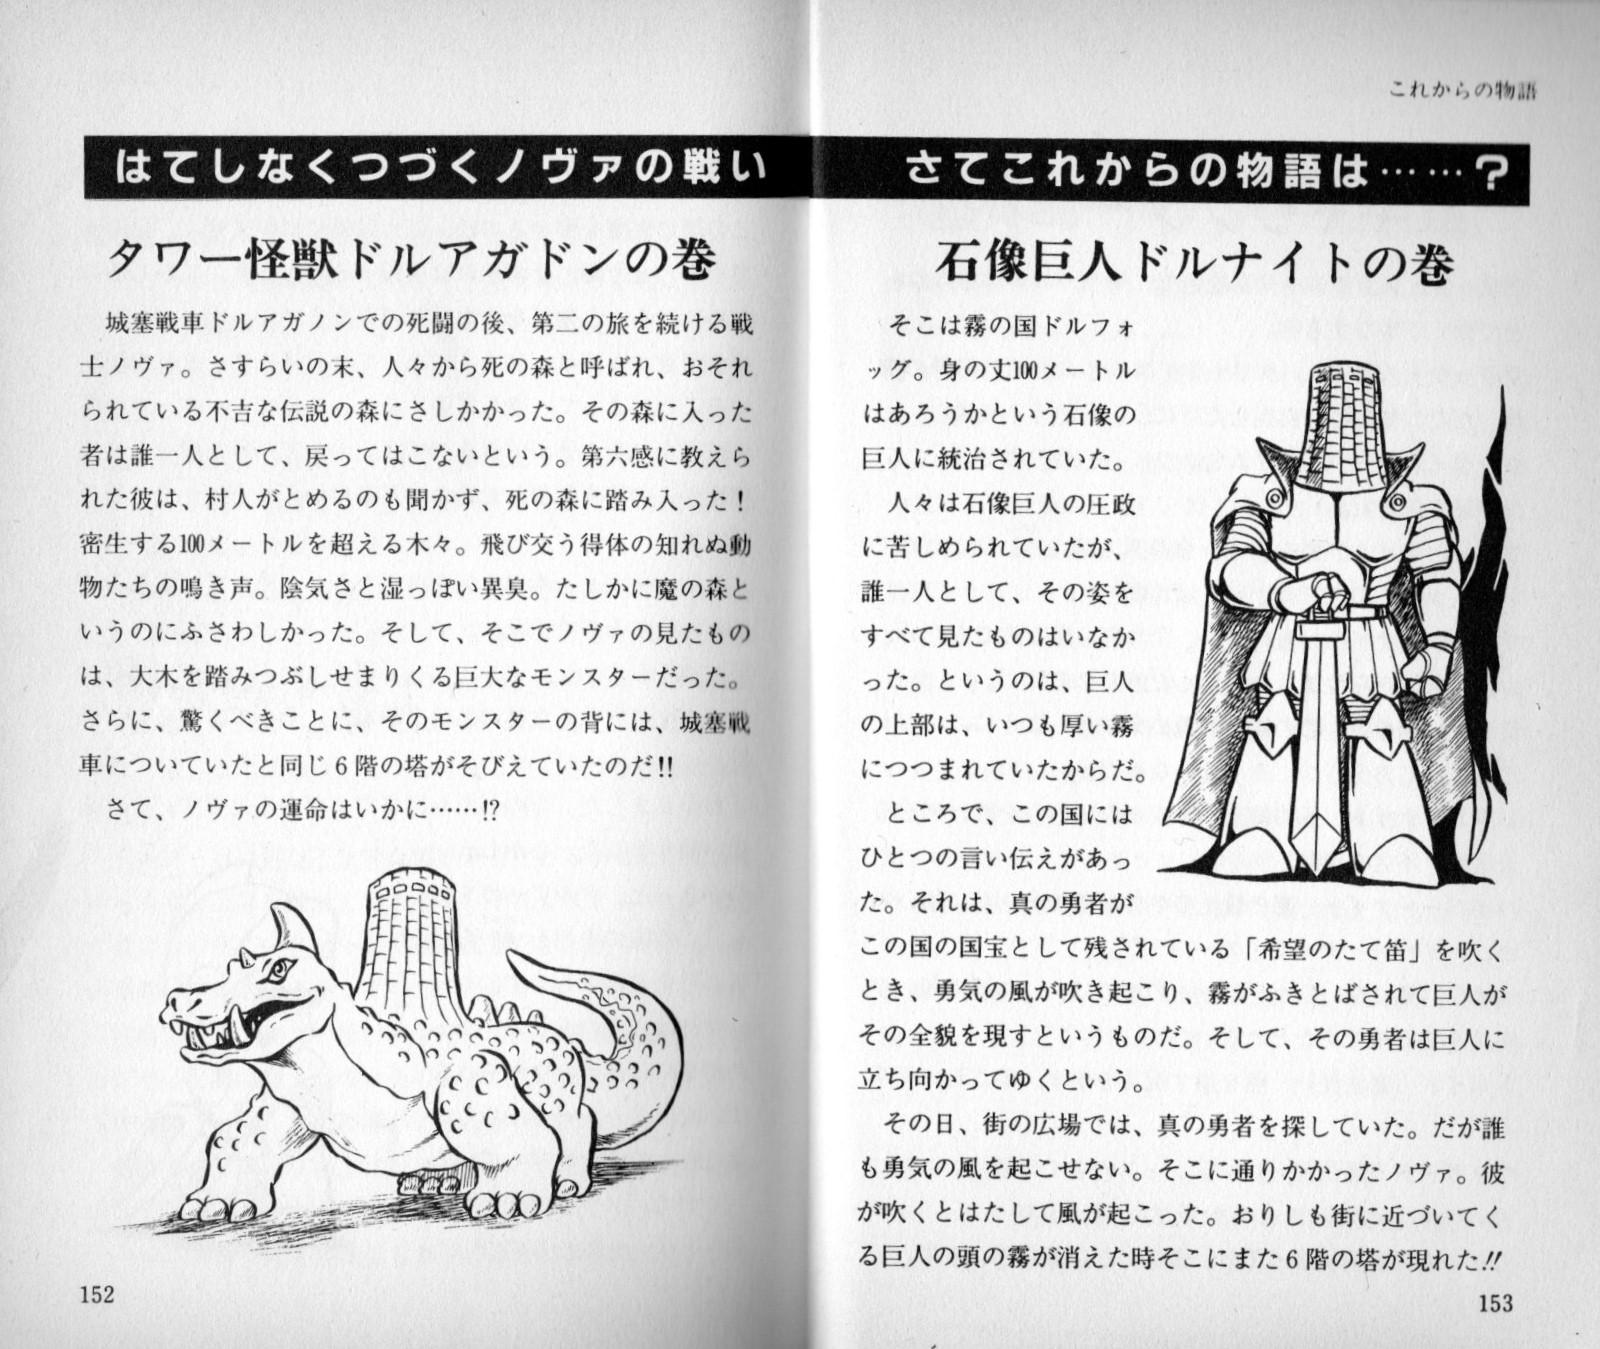 ドルアーガの塔・外伝。タワー怪獣ドルアガドン、石像巨人ドルナイト